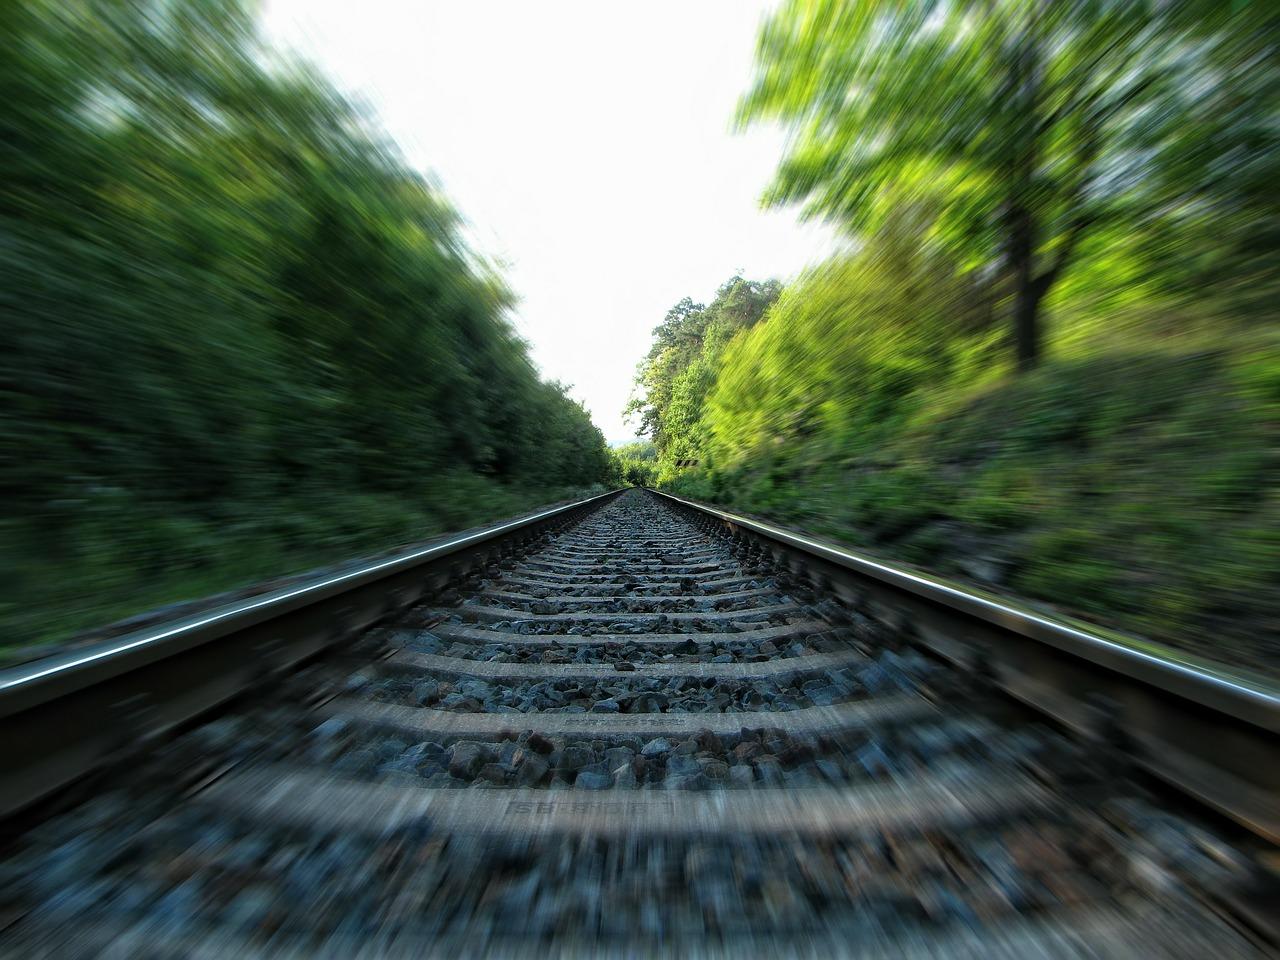 rails 253134 1280